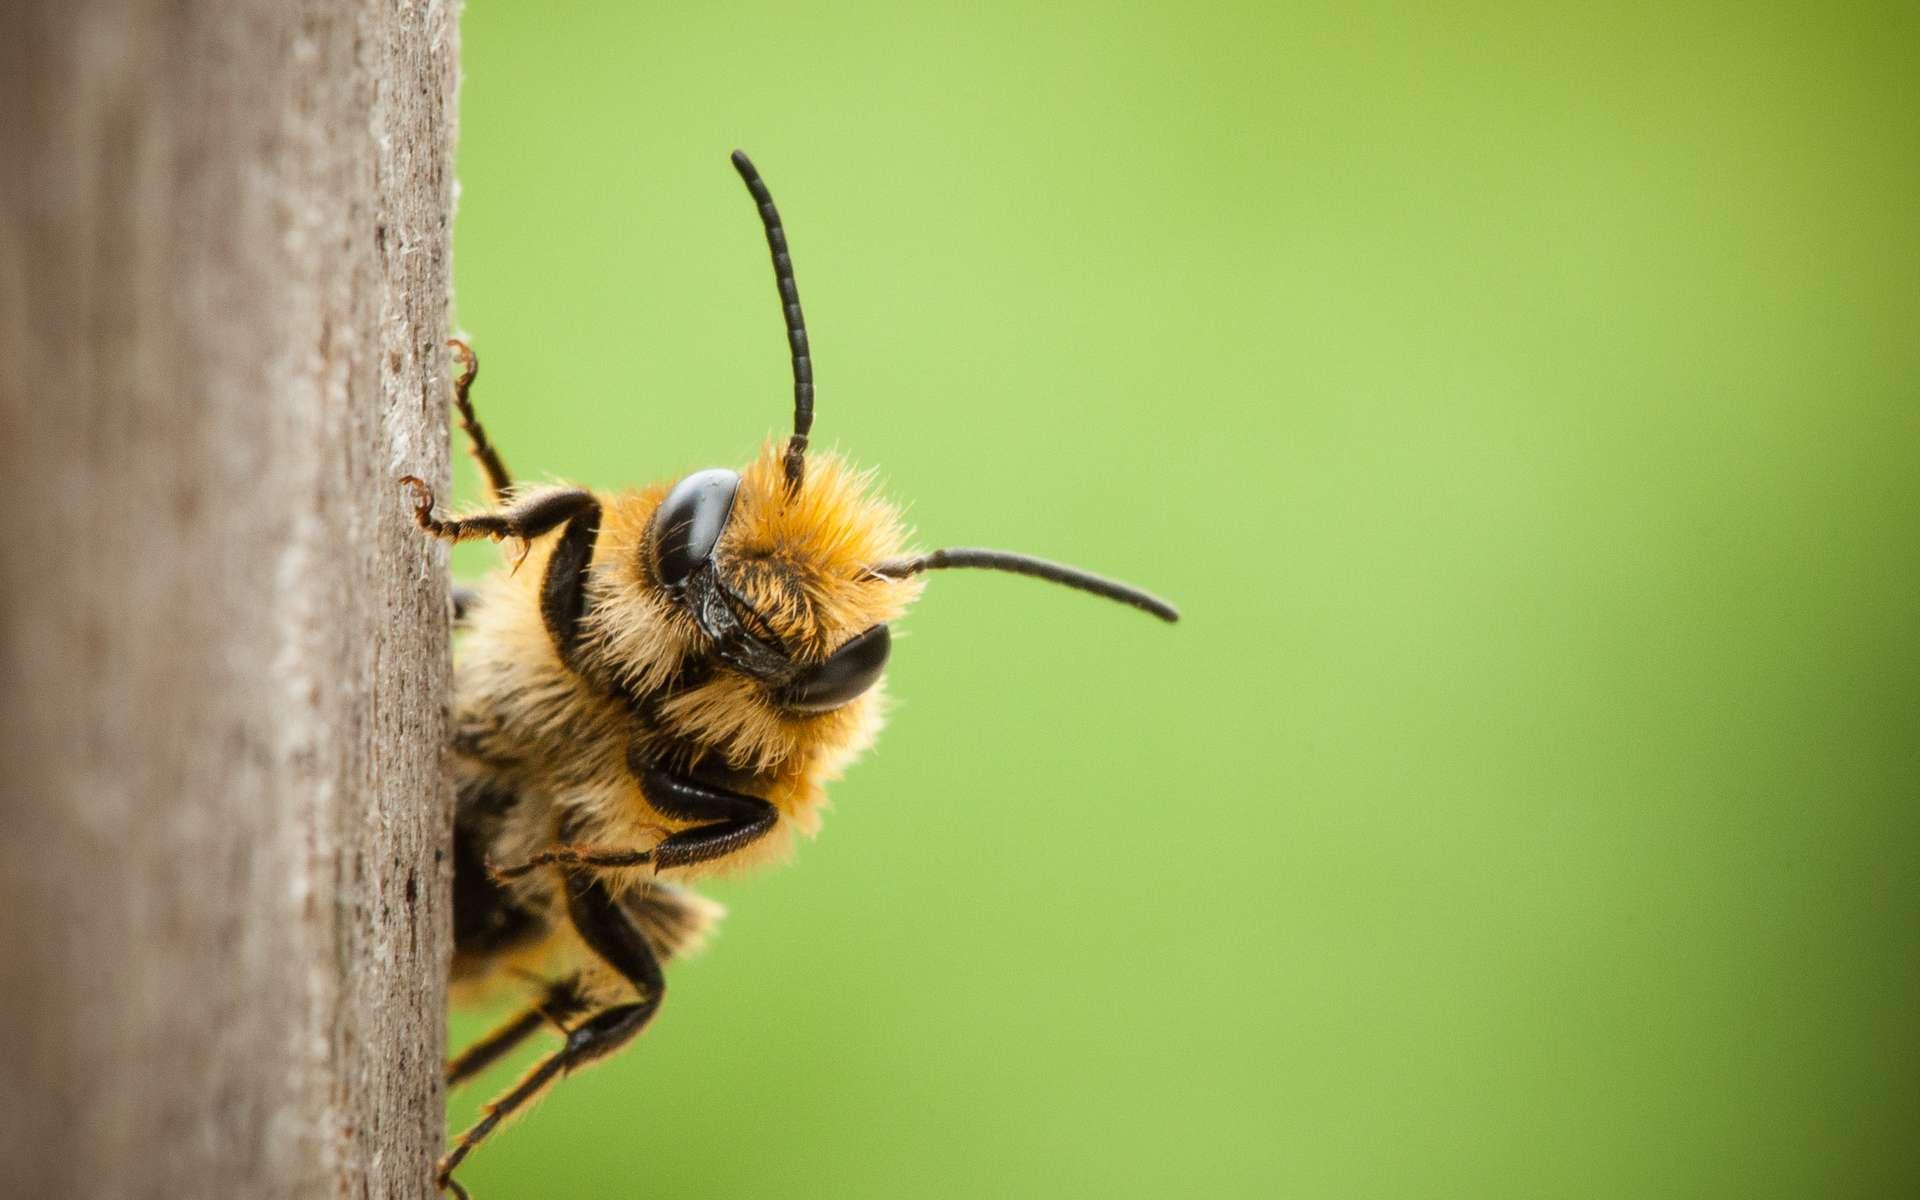 Aux États-unis, l'utilisation des néonicotinoïdes aurait significativement augmenté la toxicité des insecticides sur les abeilles domestiques. © Joost, Adobe Stock